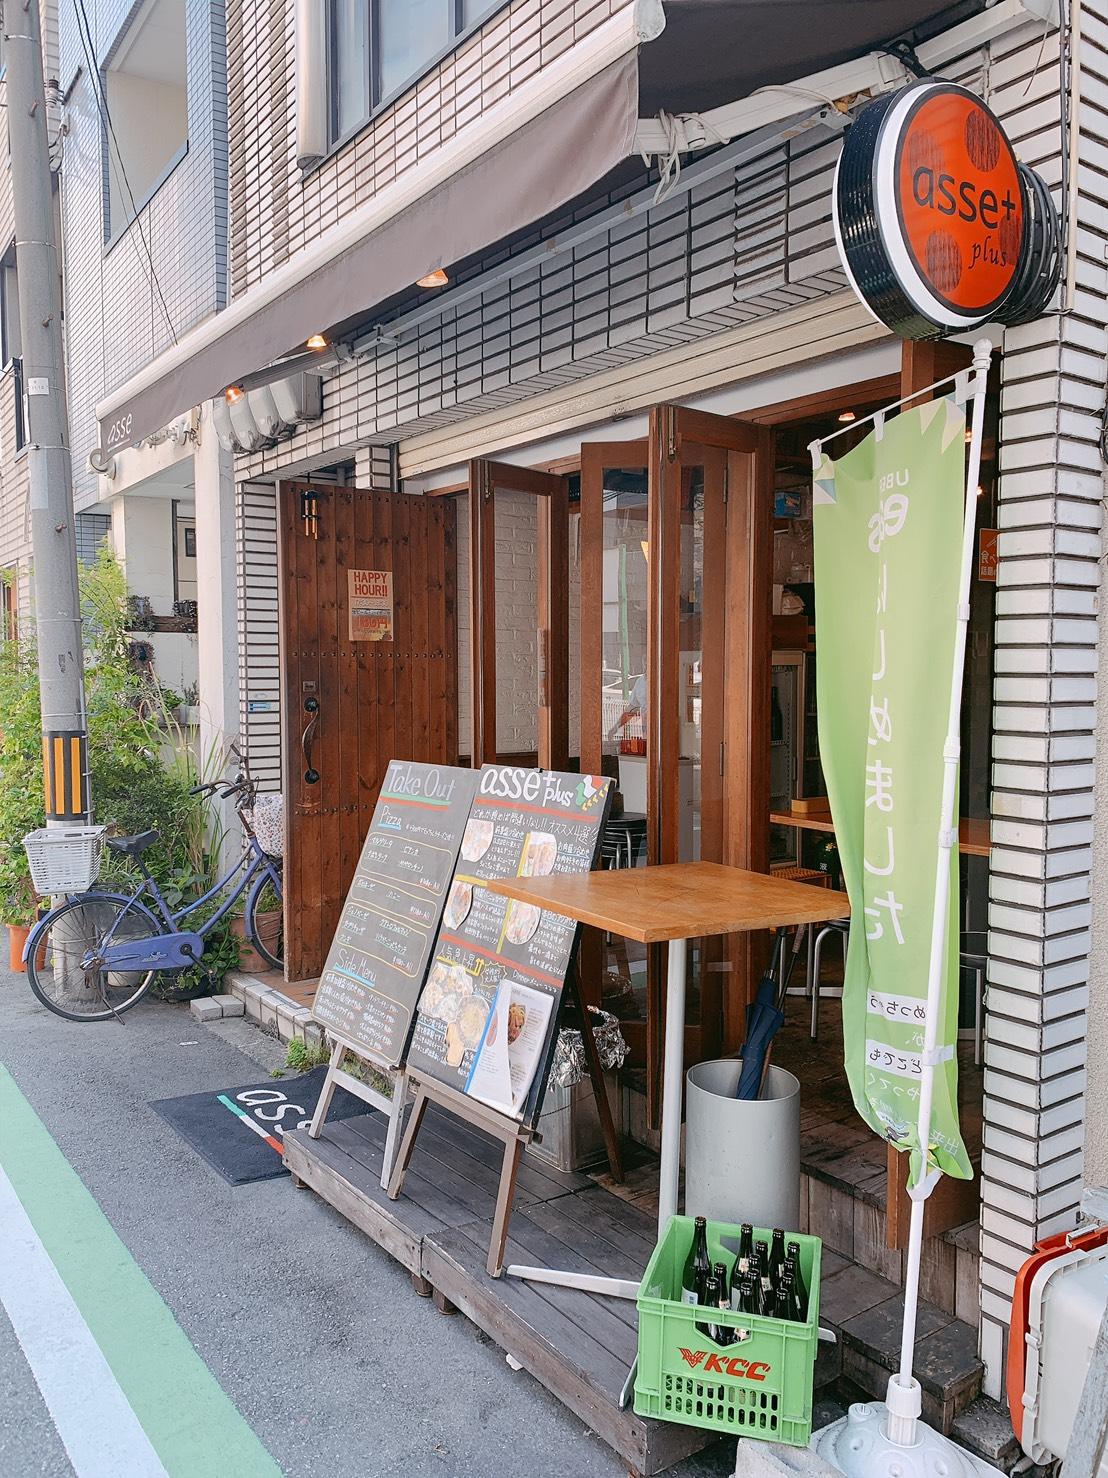 asse+plusの外観|婚活パーティー会場|大阪で婚活イベント(婚活パーティーや趣味コン)なら一期一会